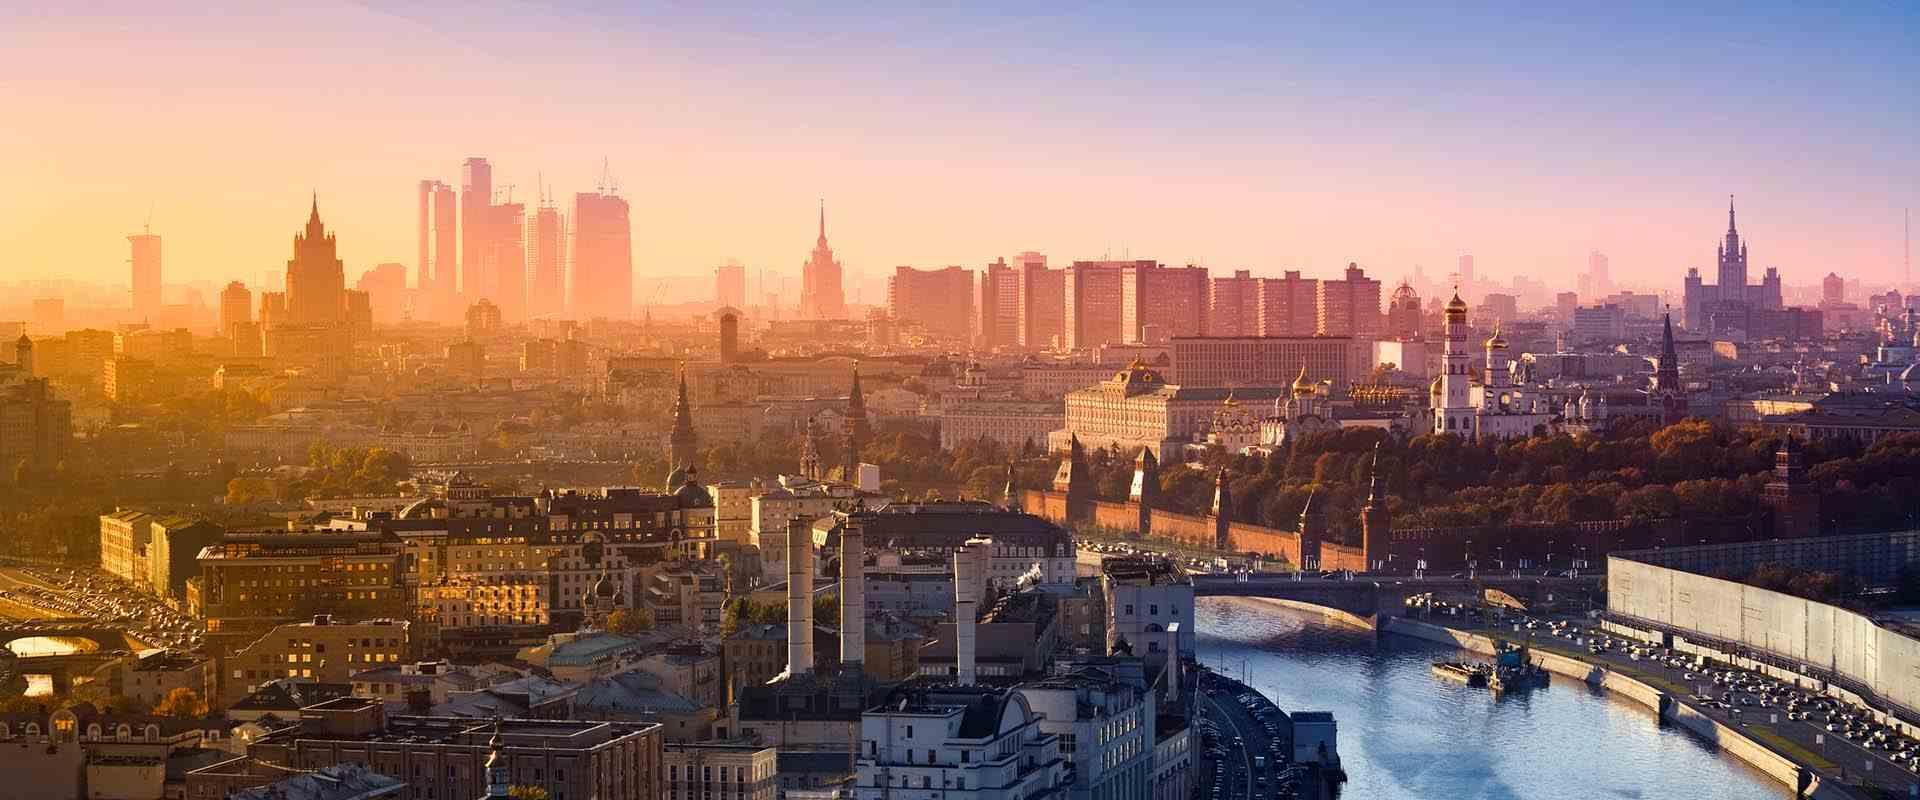 Приобретение недвижимости в Москве, стоит ли торопиться